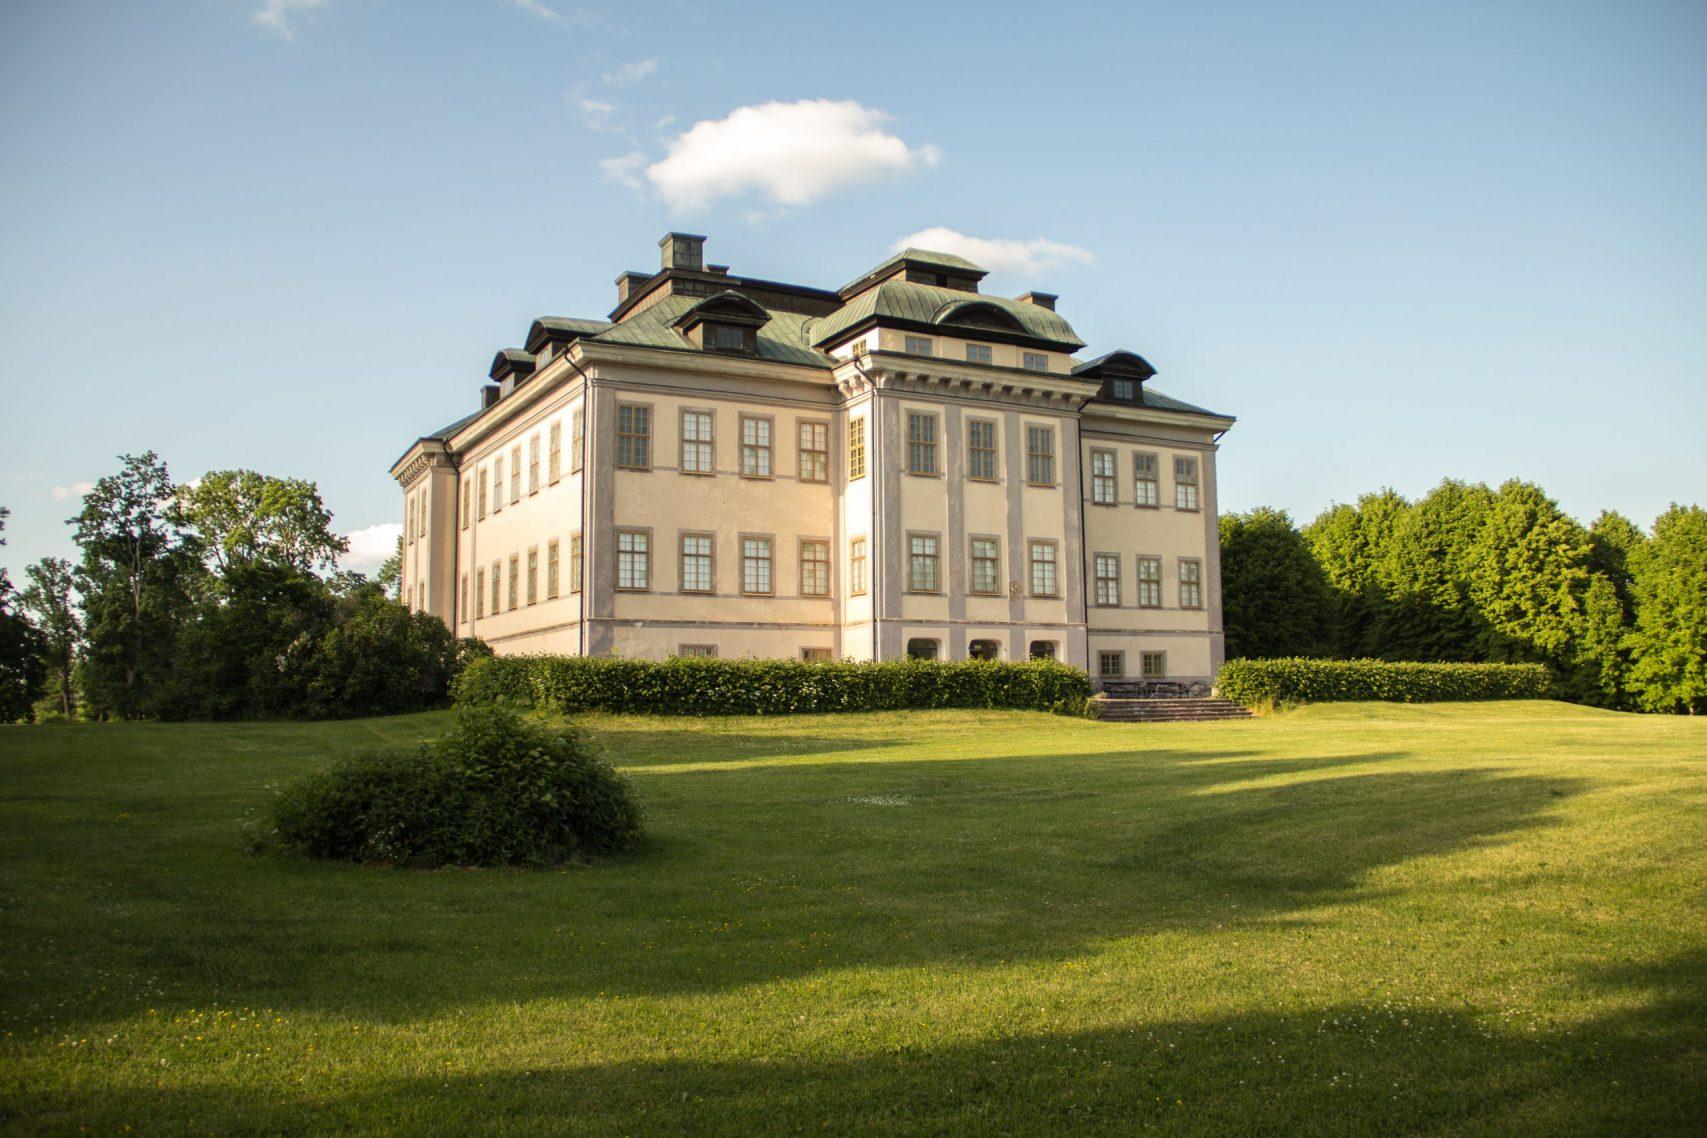 Salsta slottskafé fredag – söndag kl. 11-16